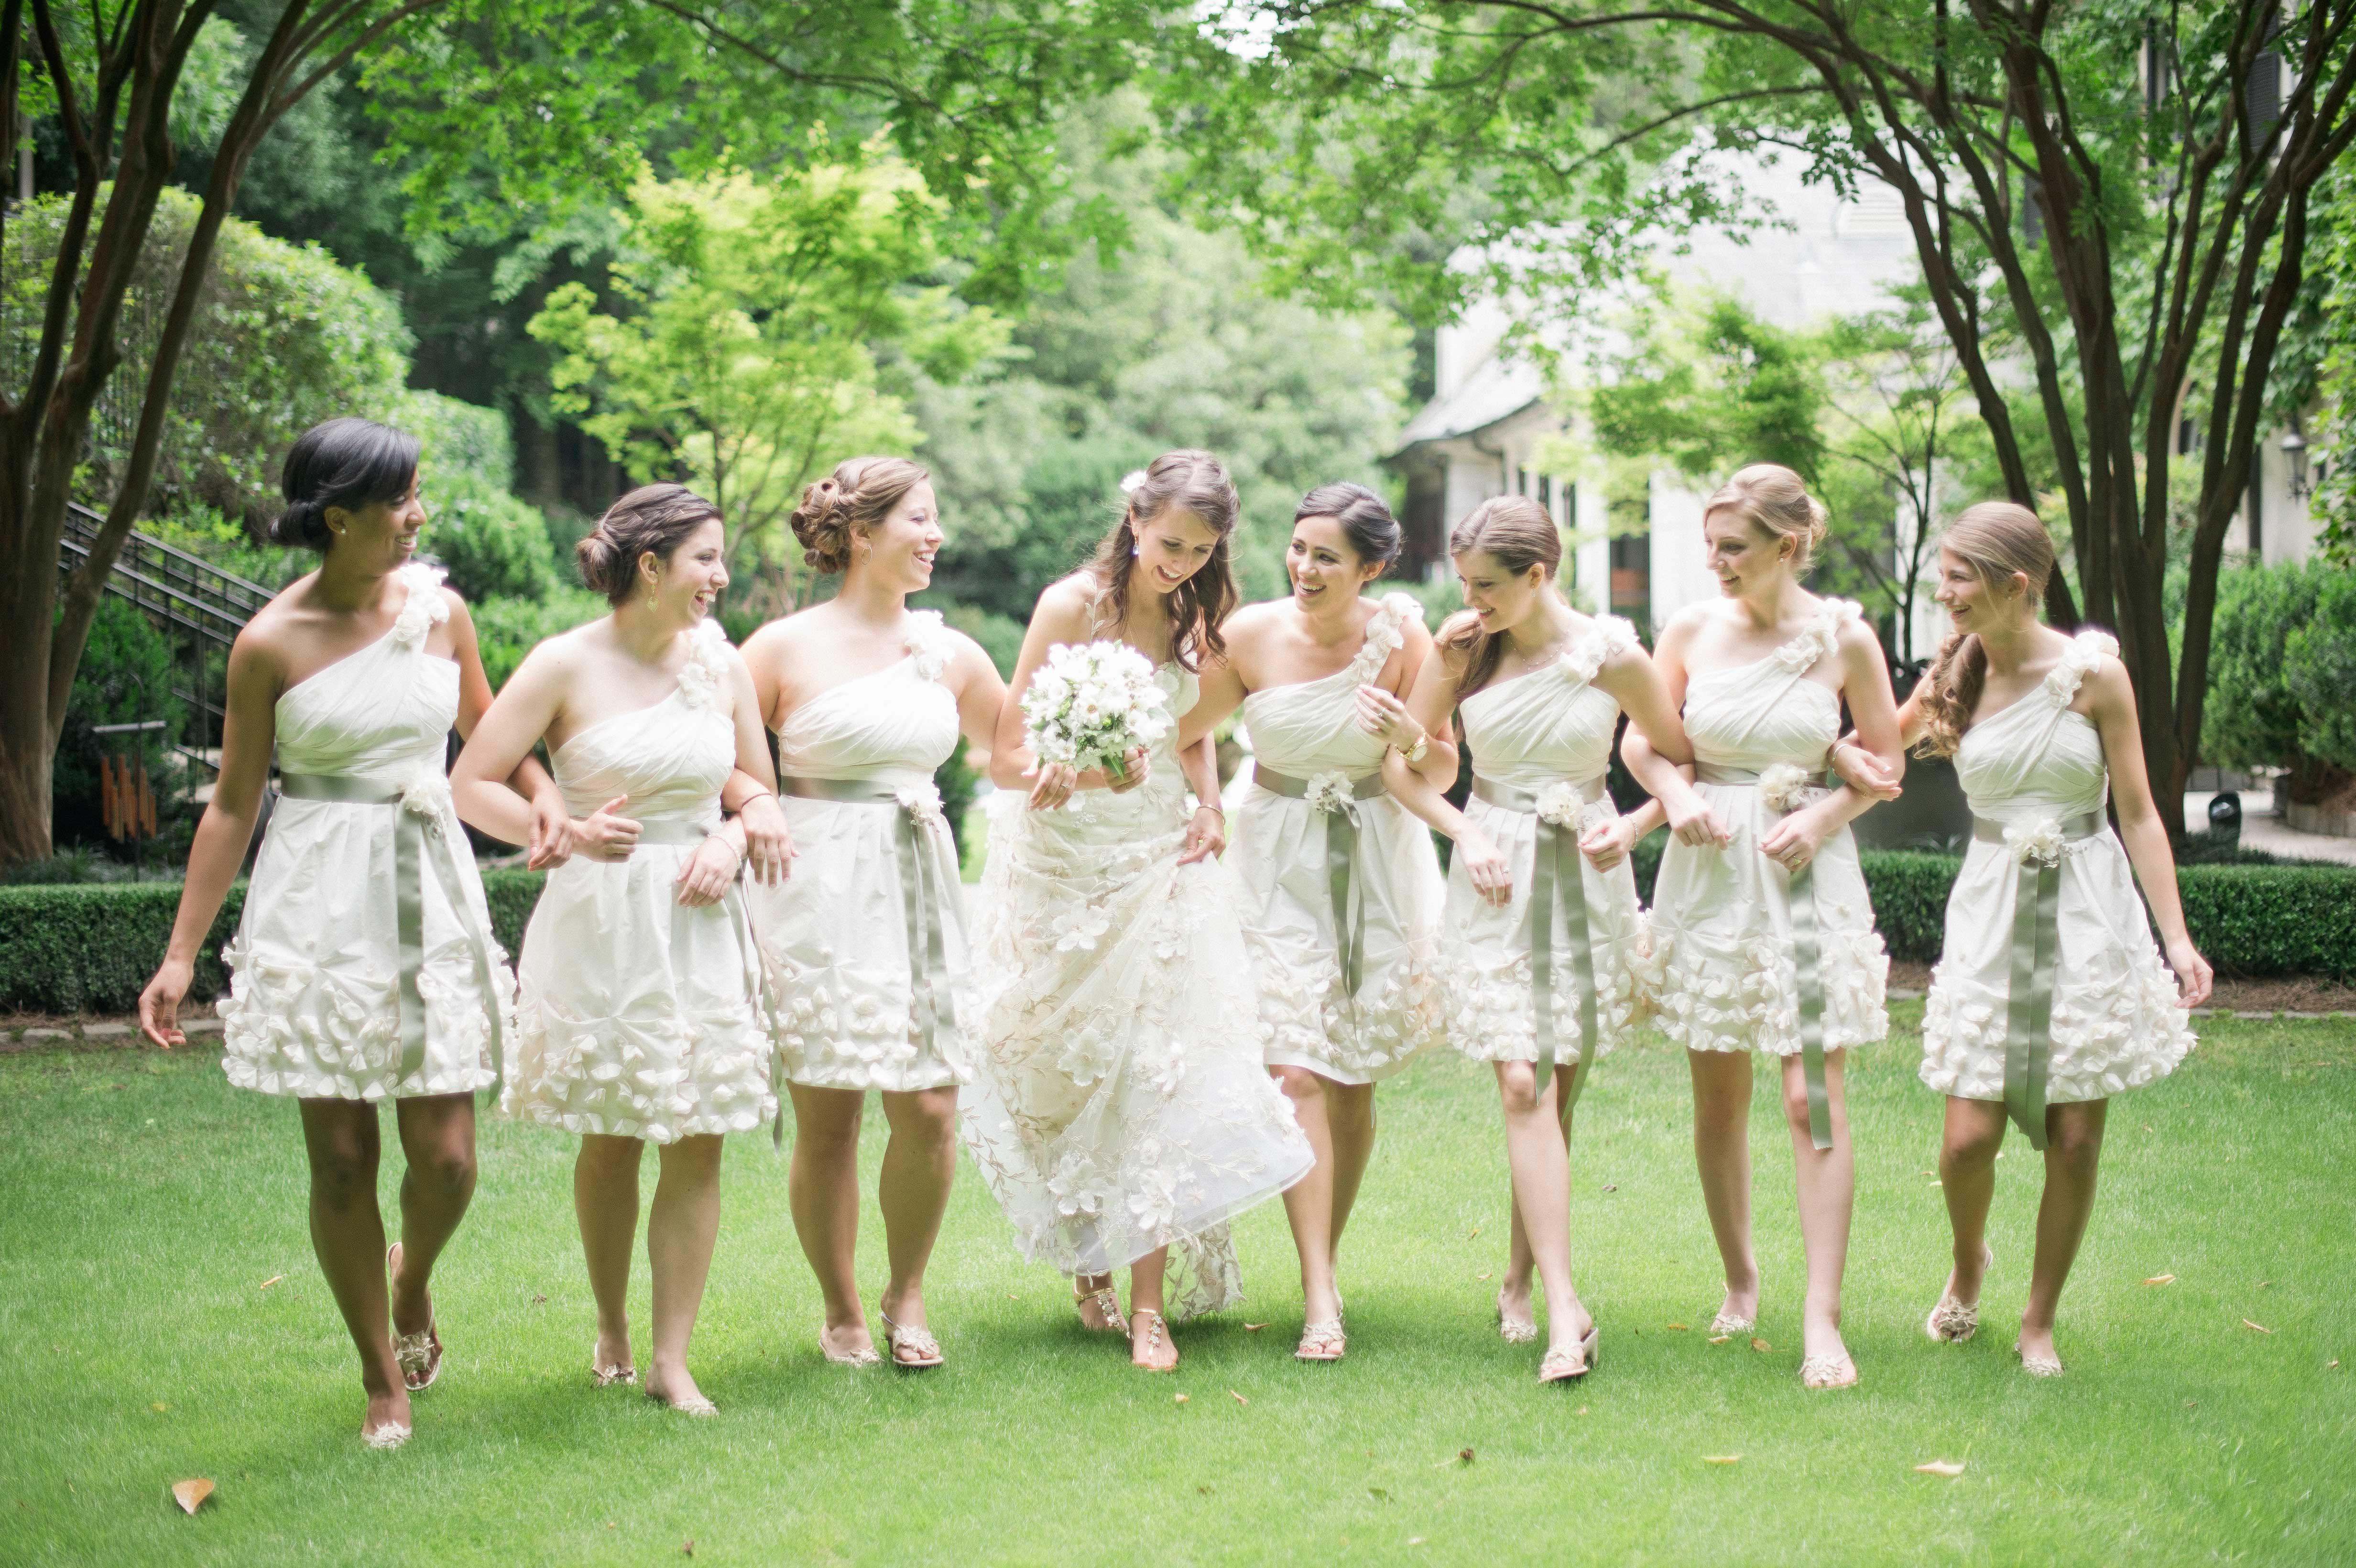 Unique one shoulder white short bridesmaid dresses